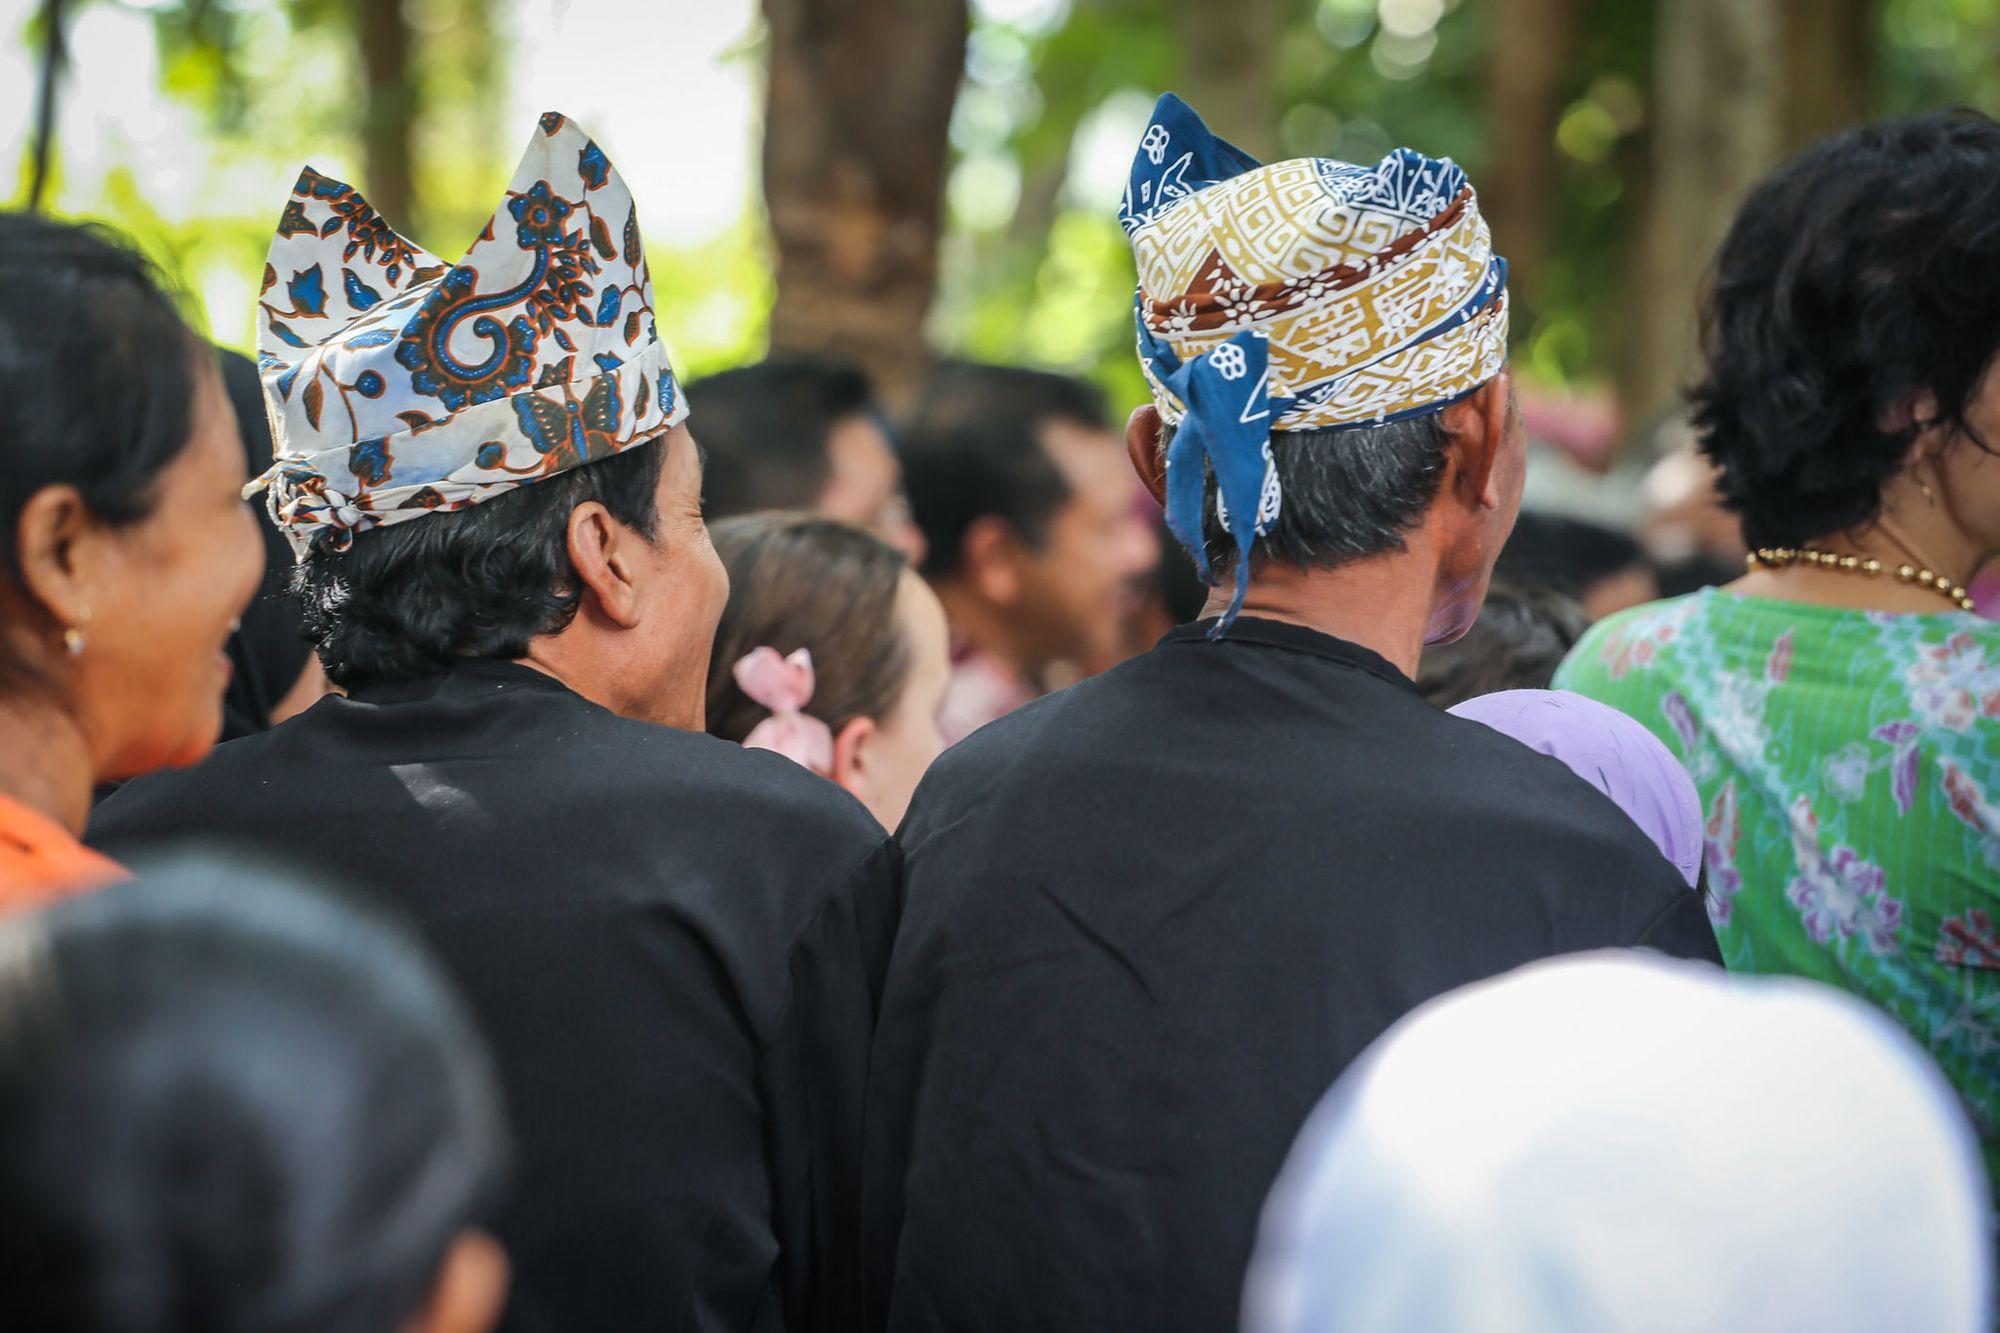 Mengenal Tradisi Kawin Lari di Banyuwangi